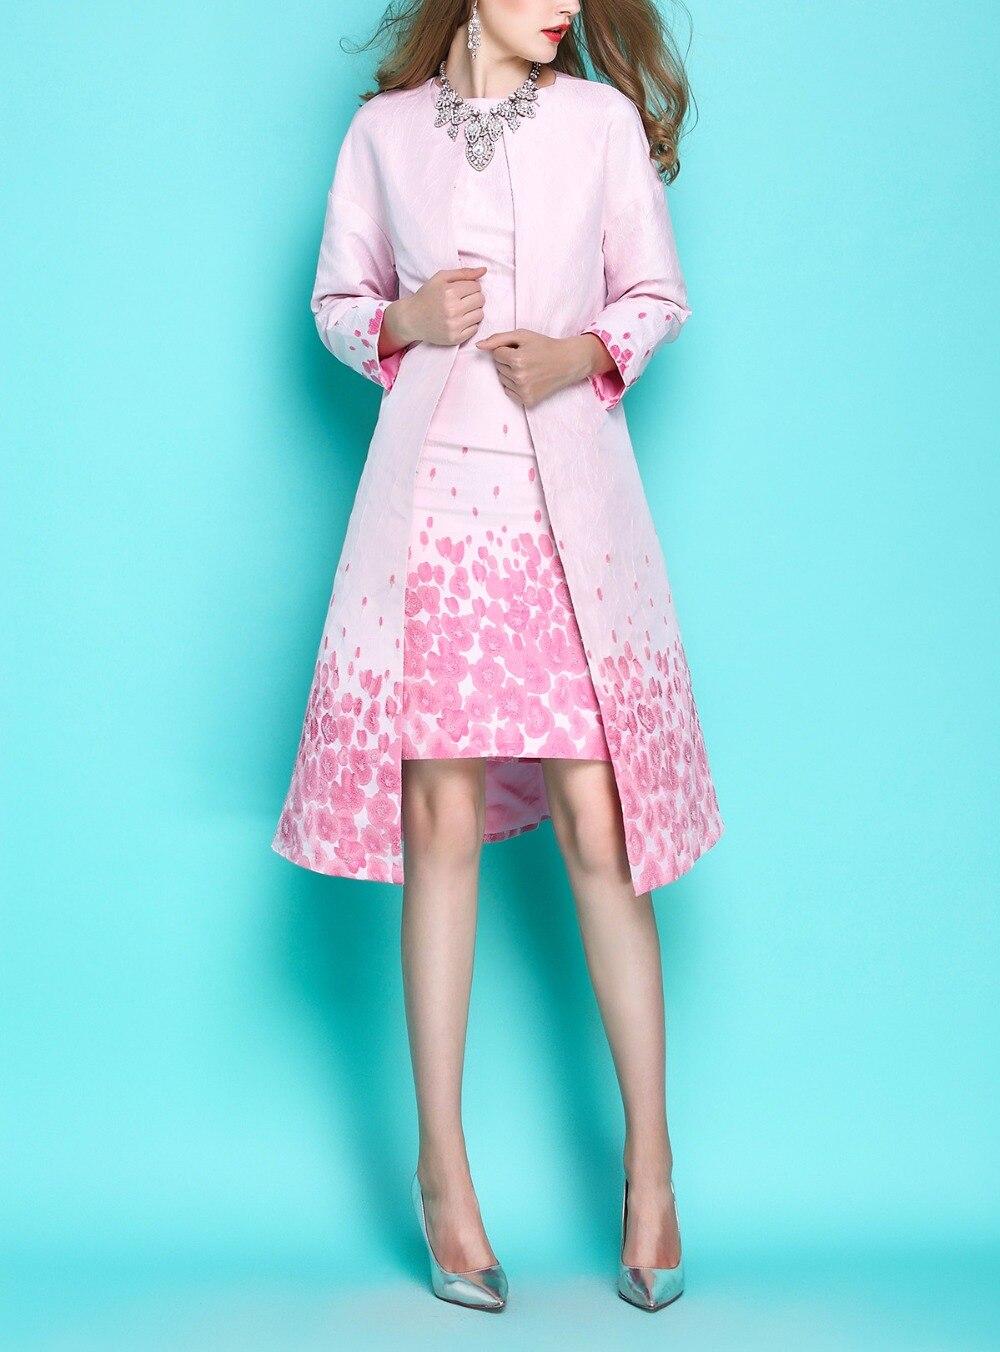 Piel Nuevos Collar Elegante Trench Romántico O De Abrigos Las Mujer Moda dress Ol Trench Jacquard 2019 Abrigo La Mujeres EzCzqP